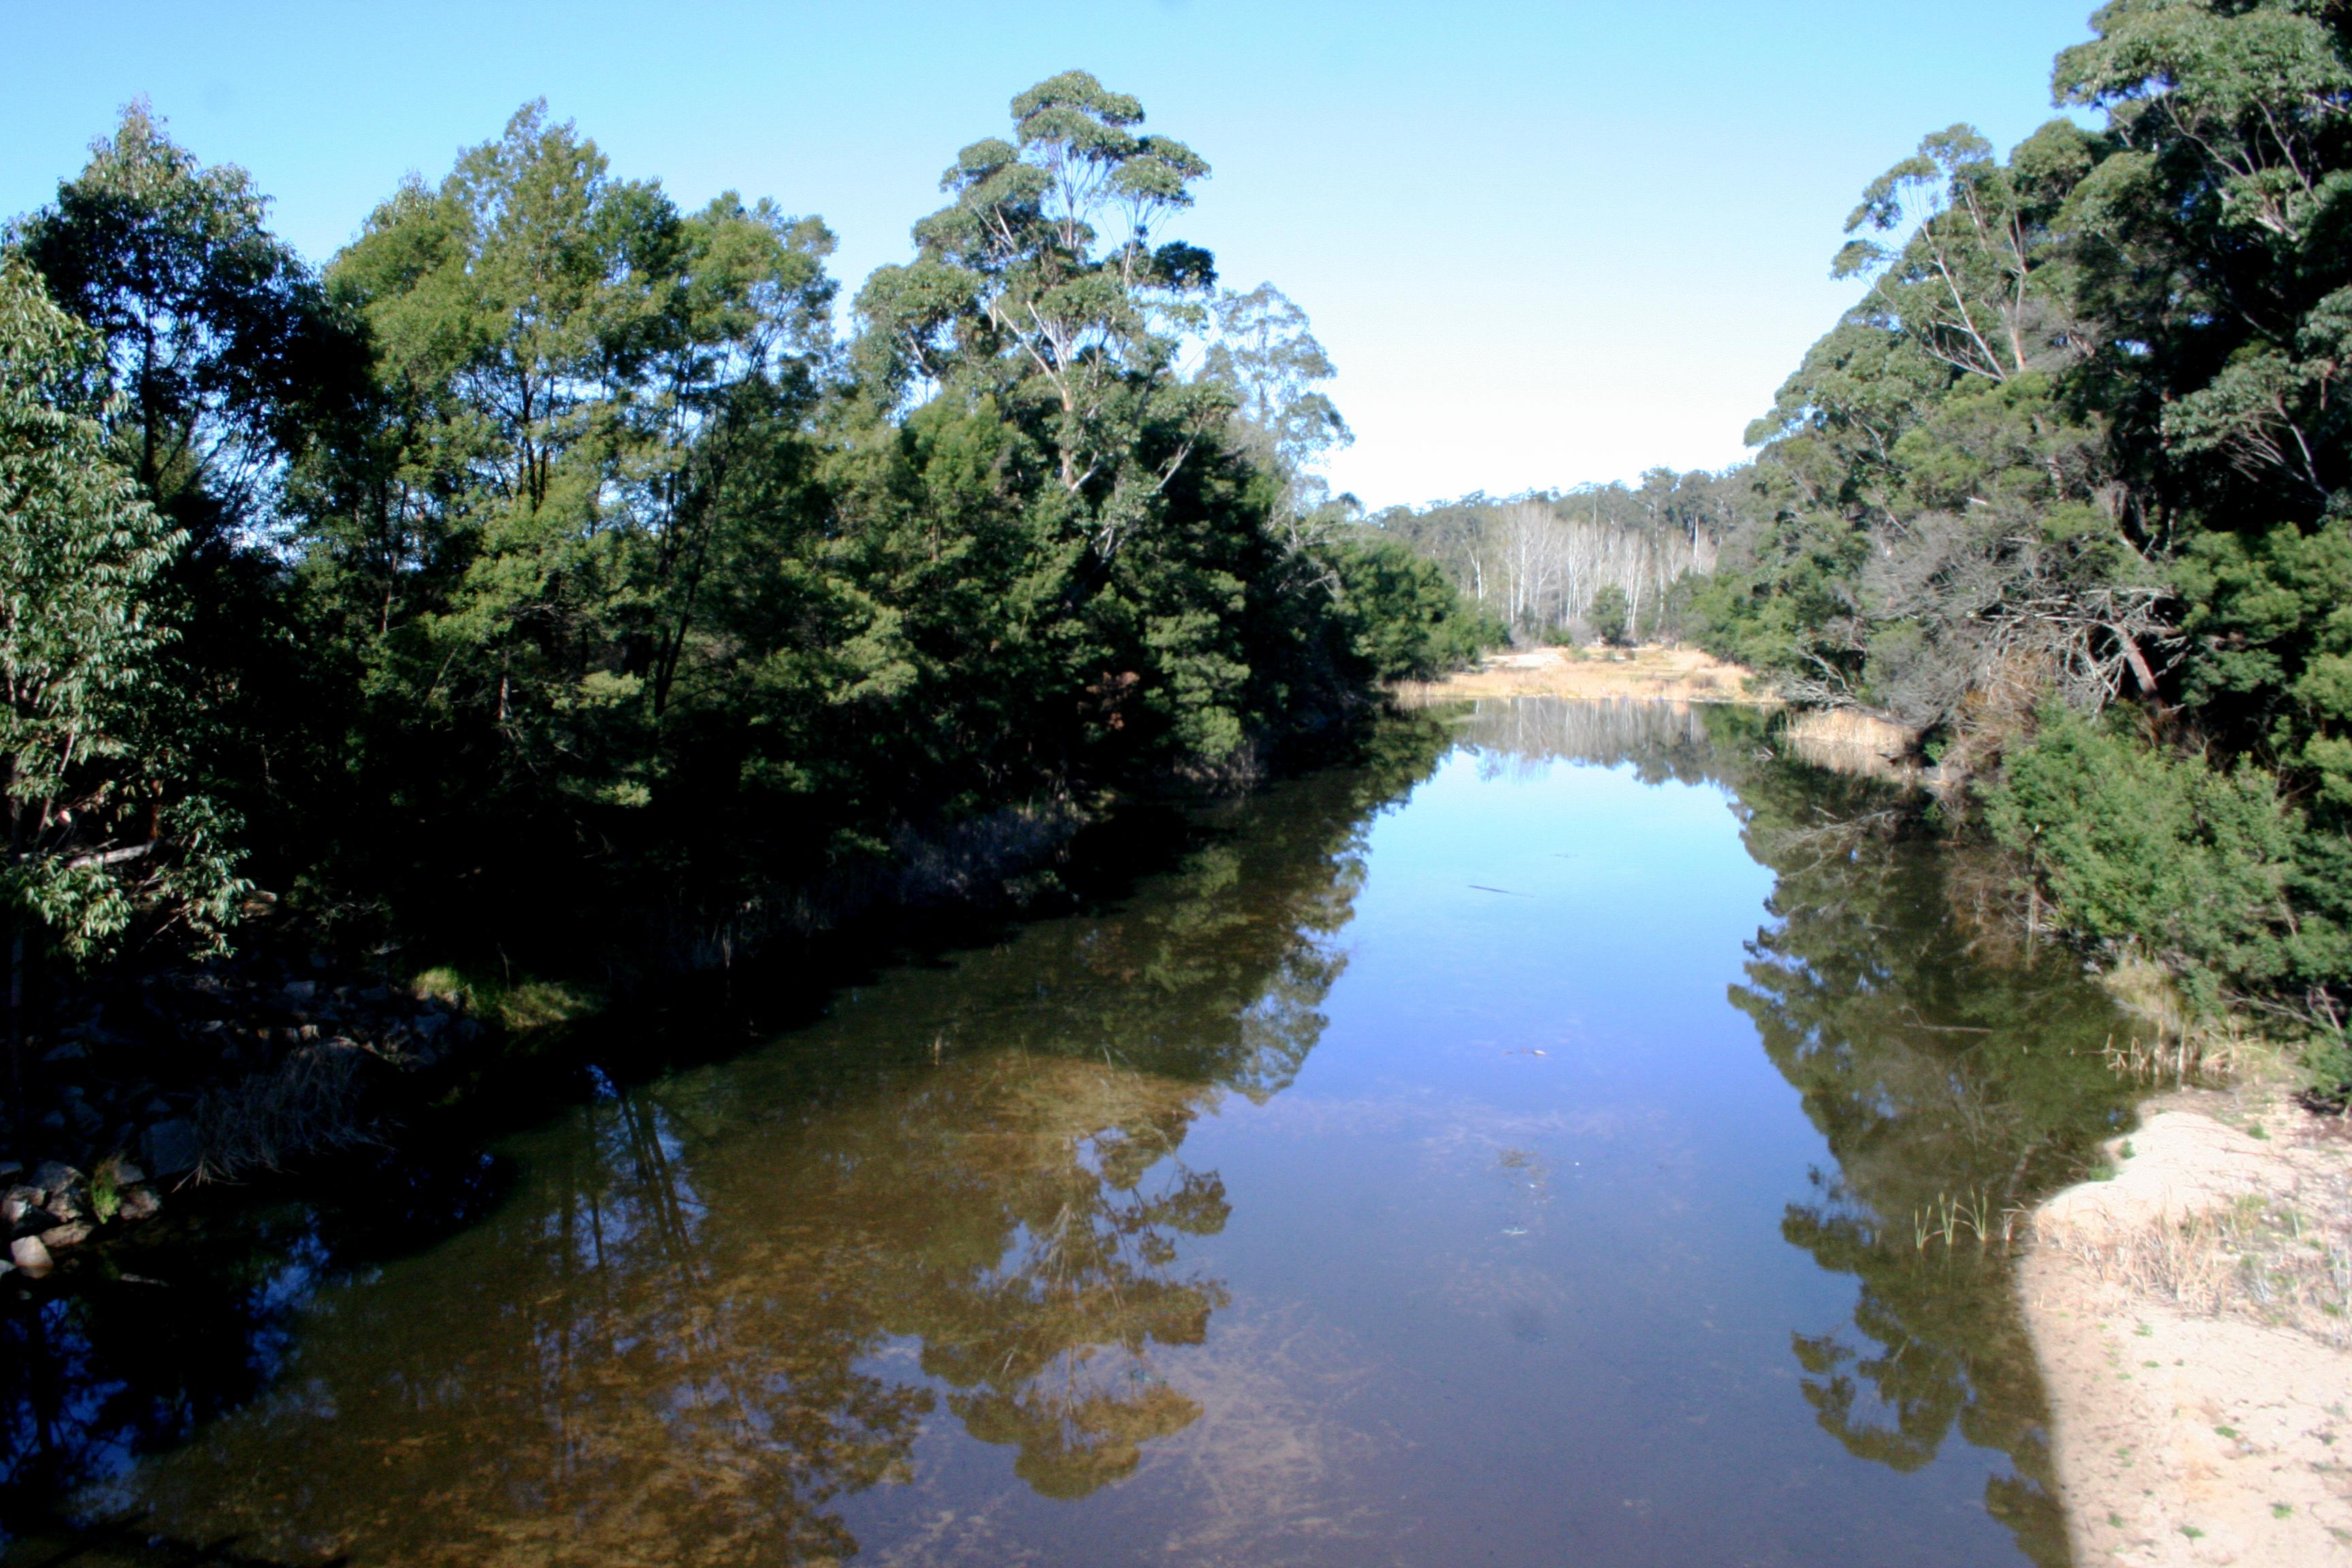 Cann River after restoration